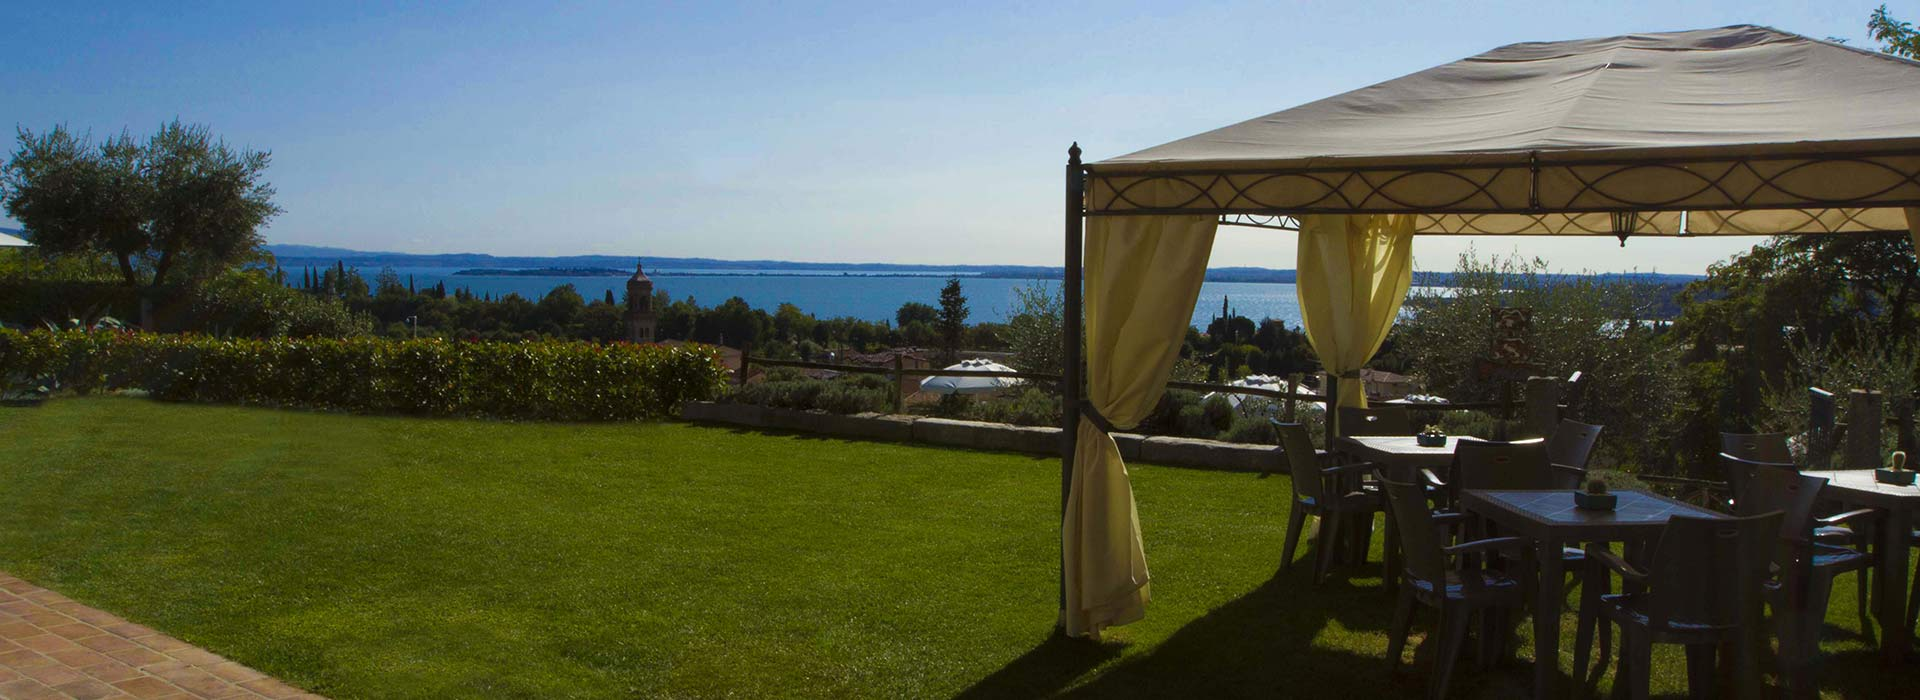 Buchen Sie Ihren Urlaub am Gardasee.